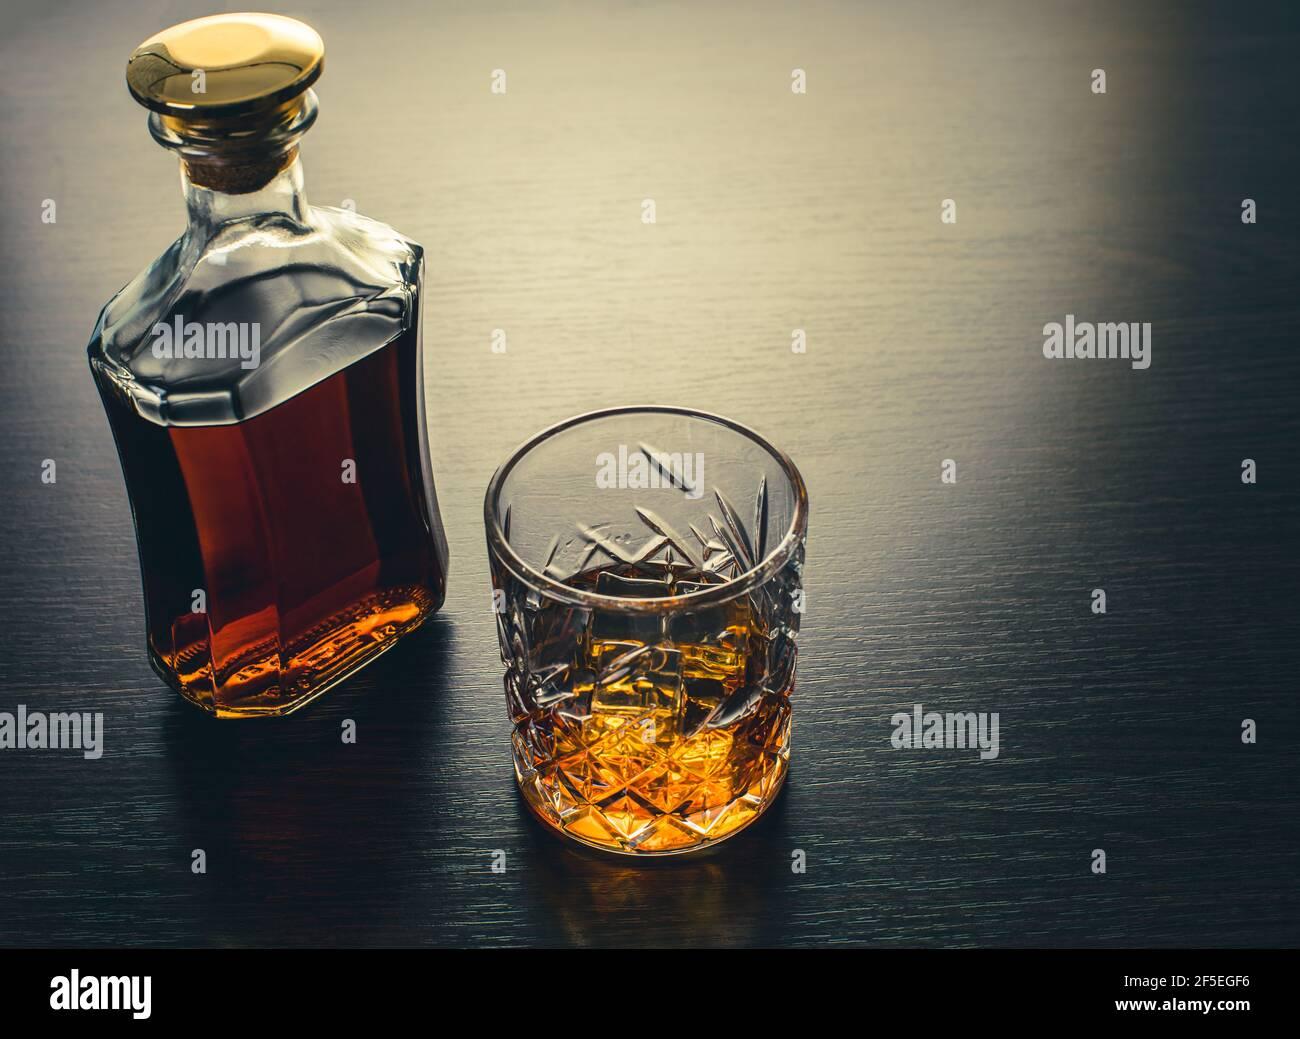 boisson alcoolisée, whisky sur fond de bois brun Banque D'Images